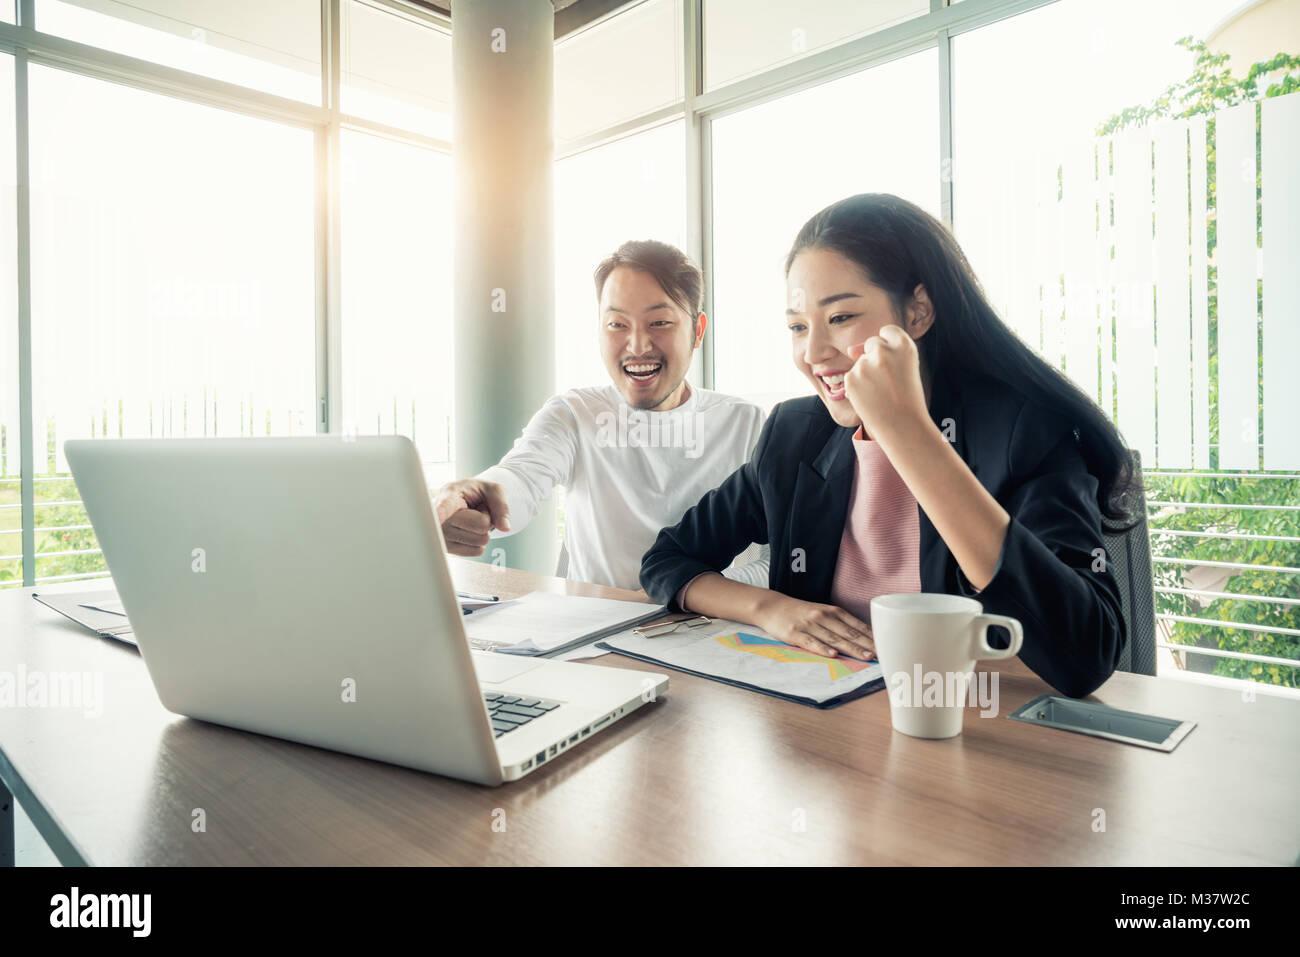 Couple asiatique d'affaires canadiens aux casual working avec plaisir dans l'action des gens d'affaires de bureau Banque D'Images